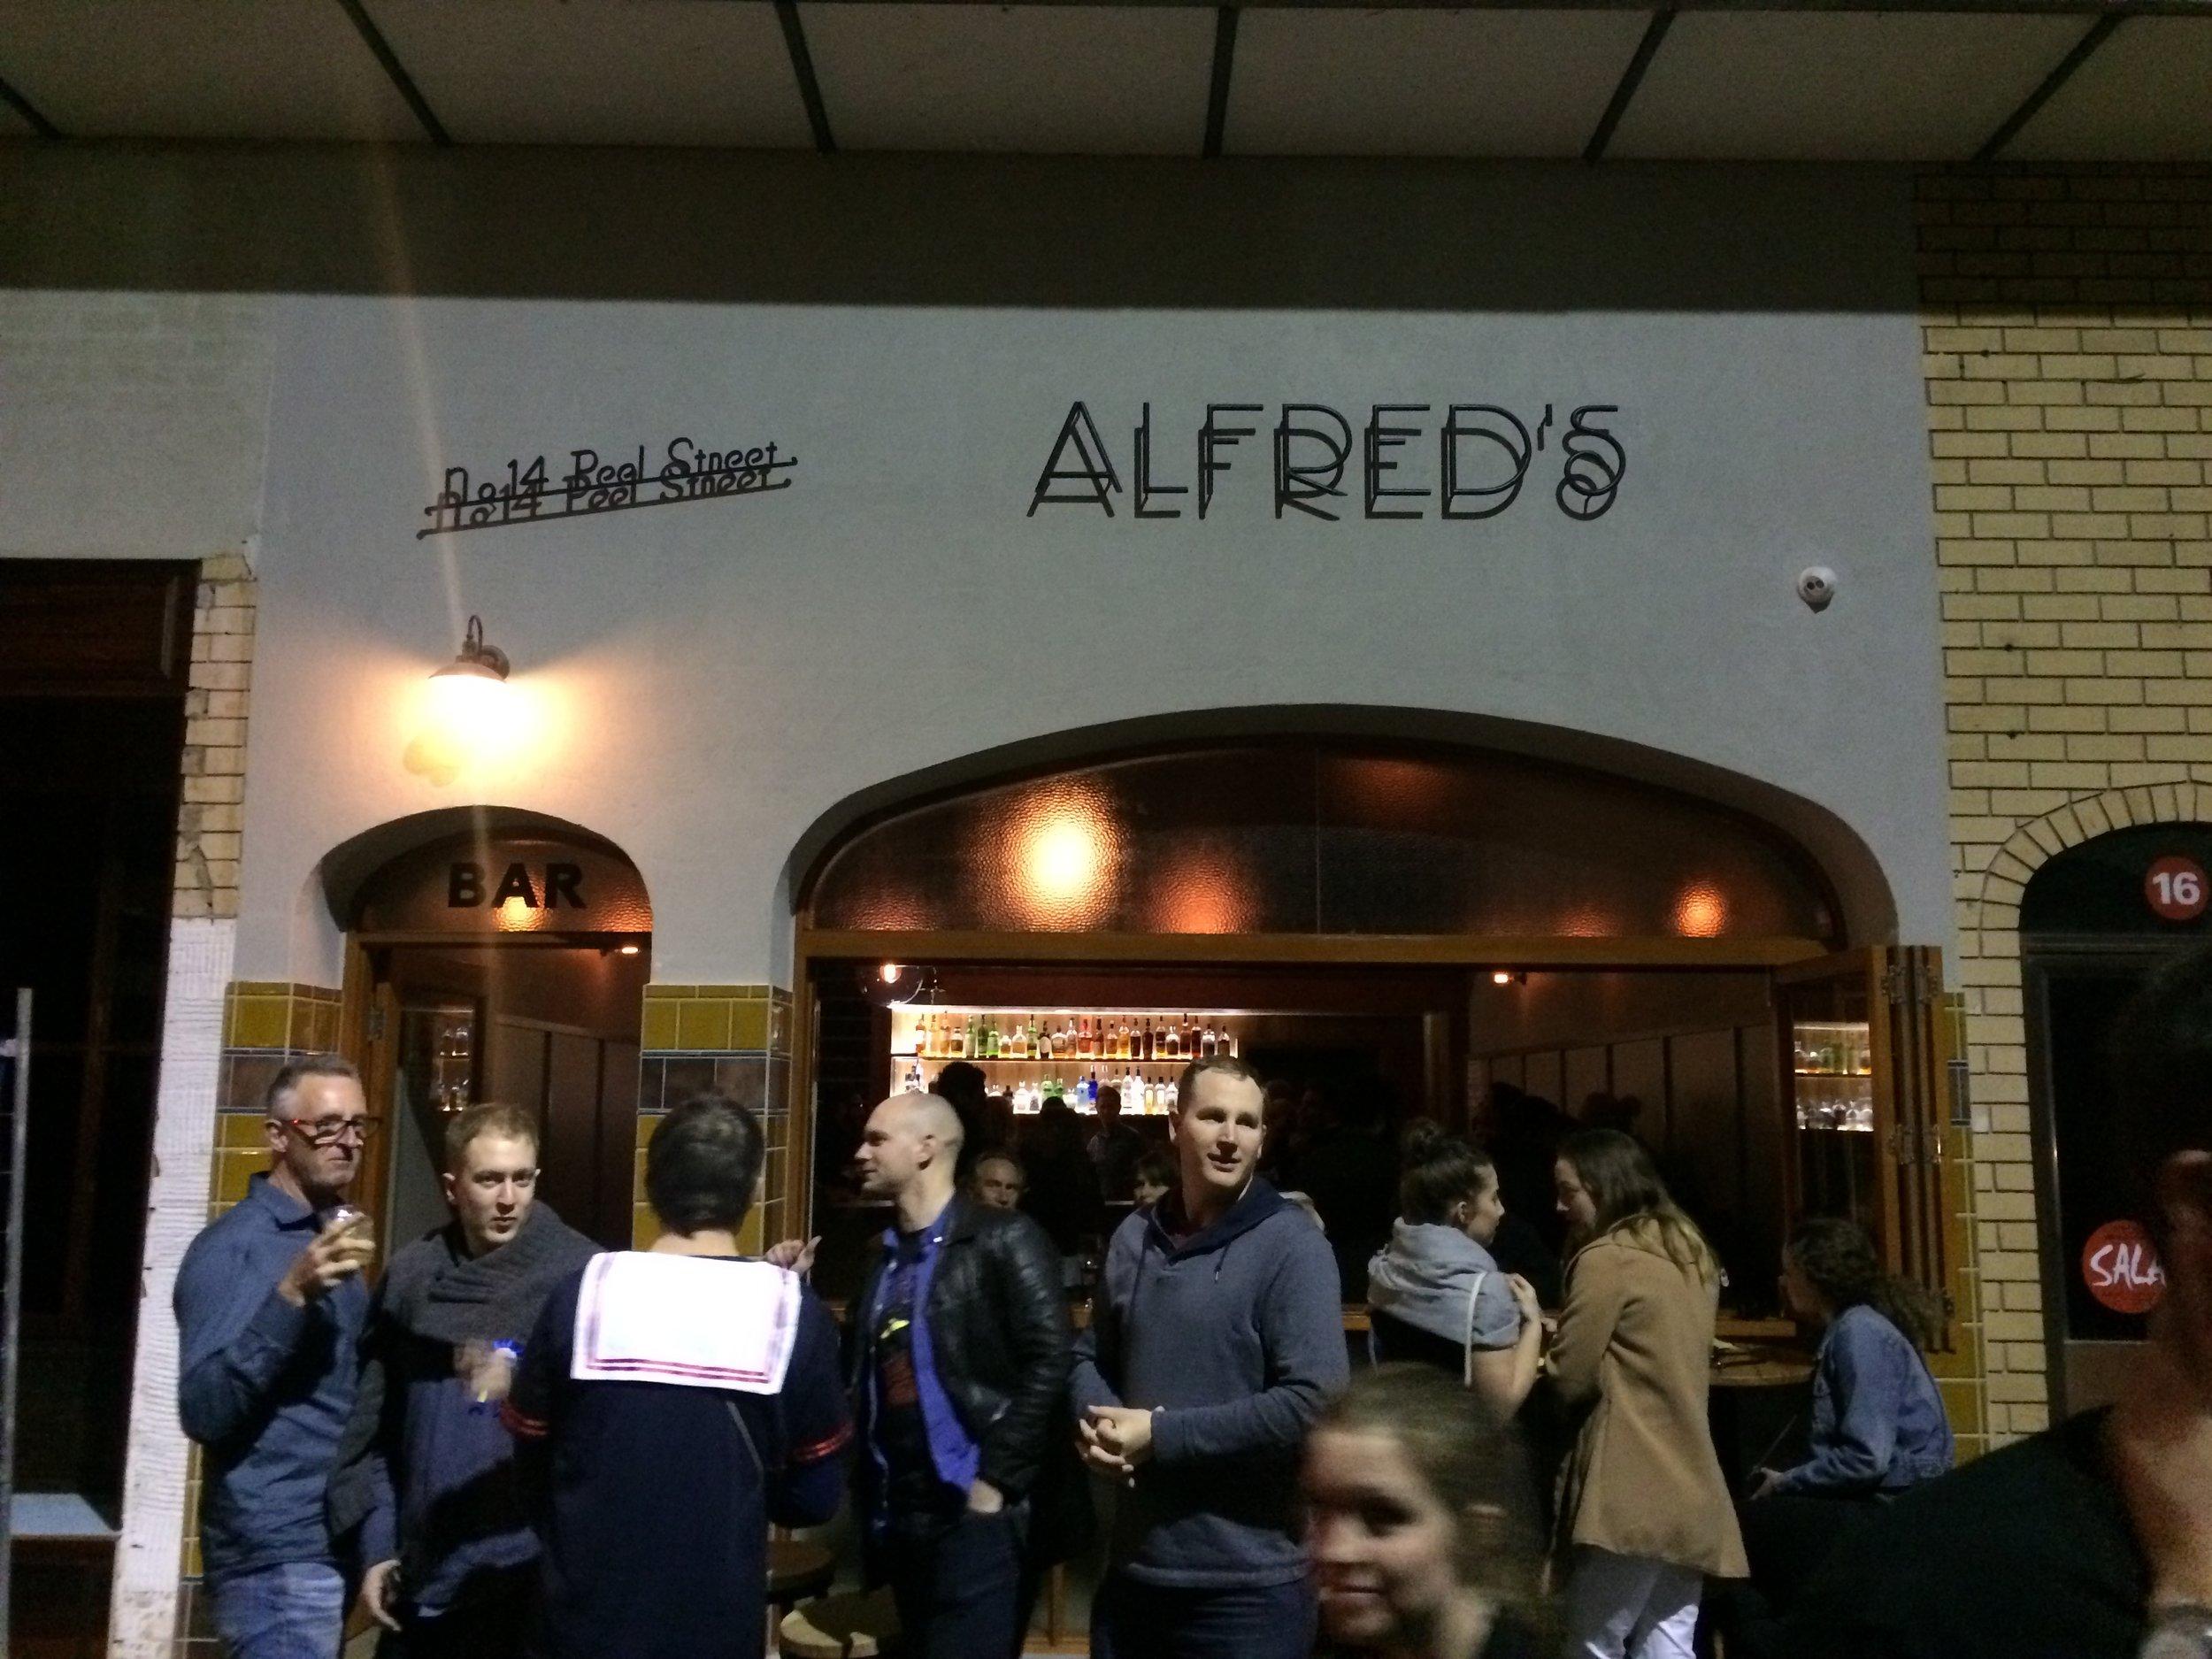 Alfred's on Peel